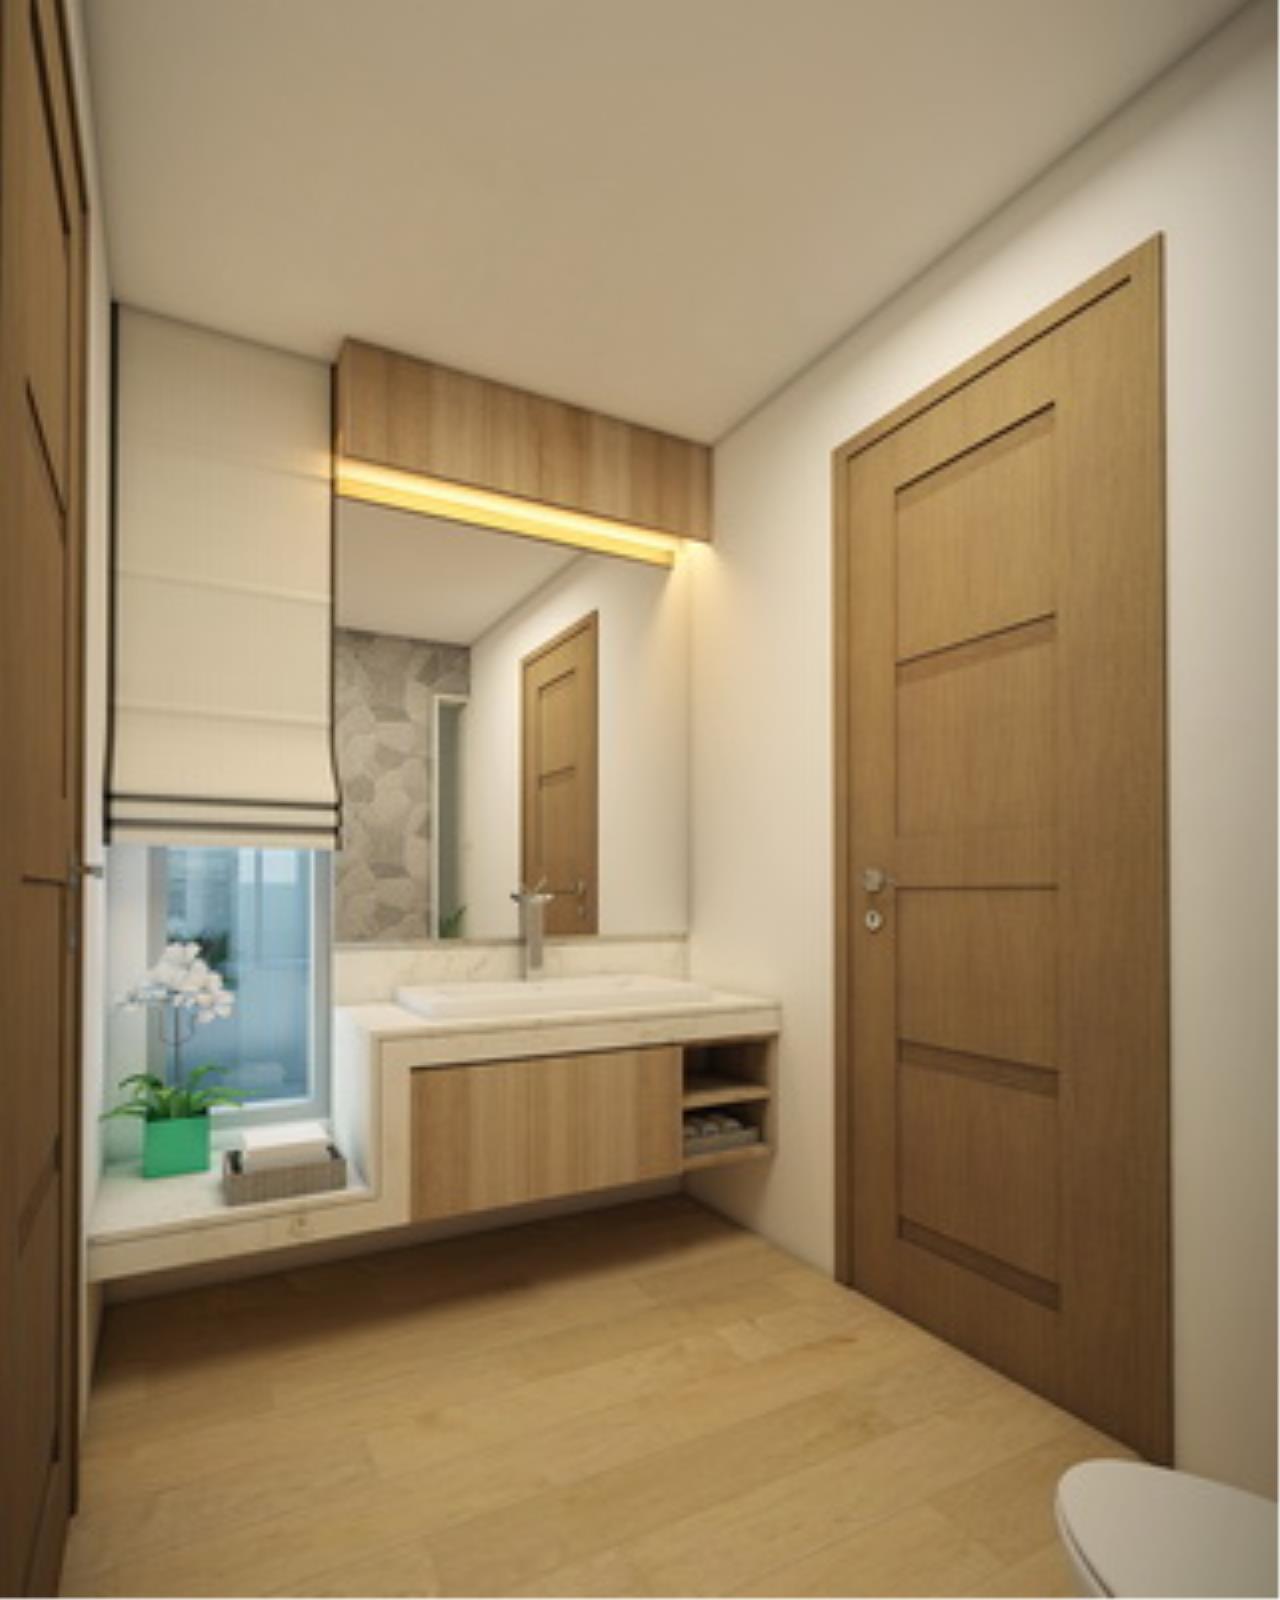 REAL Phuket  Agency's Botanica Villas (Phase III) - Contemporary 3-Bedroom Pool Villa at Layan Beach 16